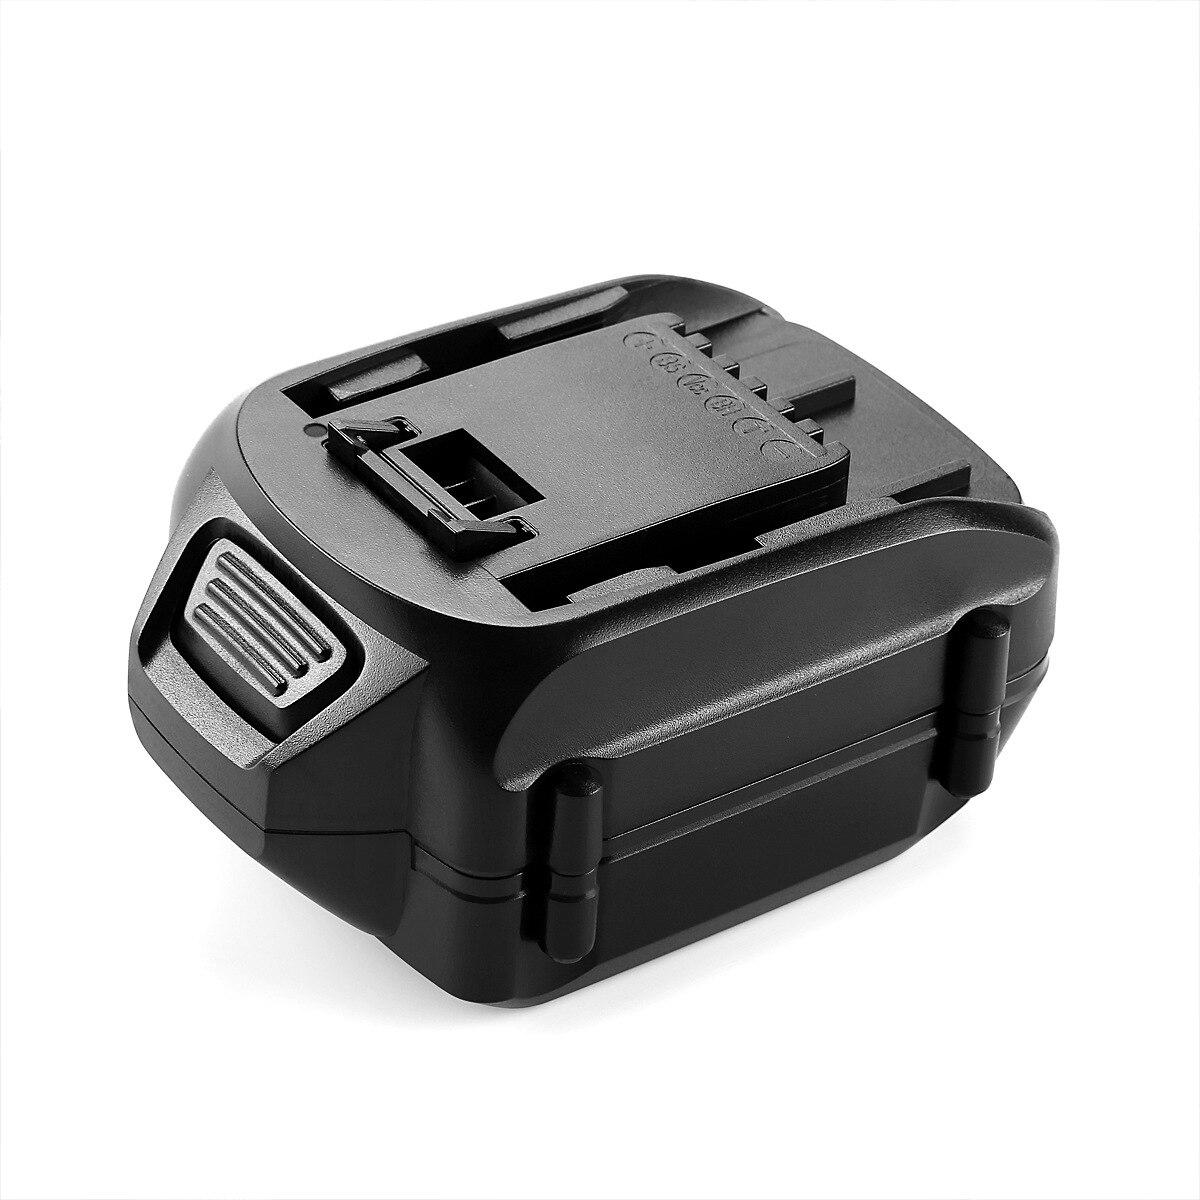 Remplacement Rechargeable de batterie de Li-ion de GTF 32 V 2000 mAh WA3537 pour les modèles de WORX WG175, WG575, WG575.1 batterie d'outils électriques